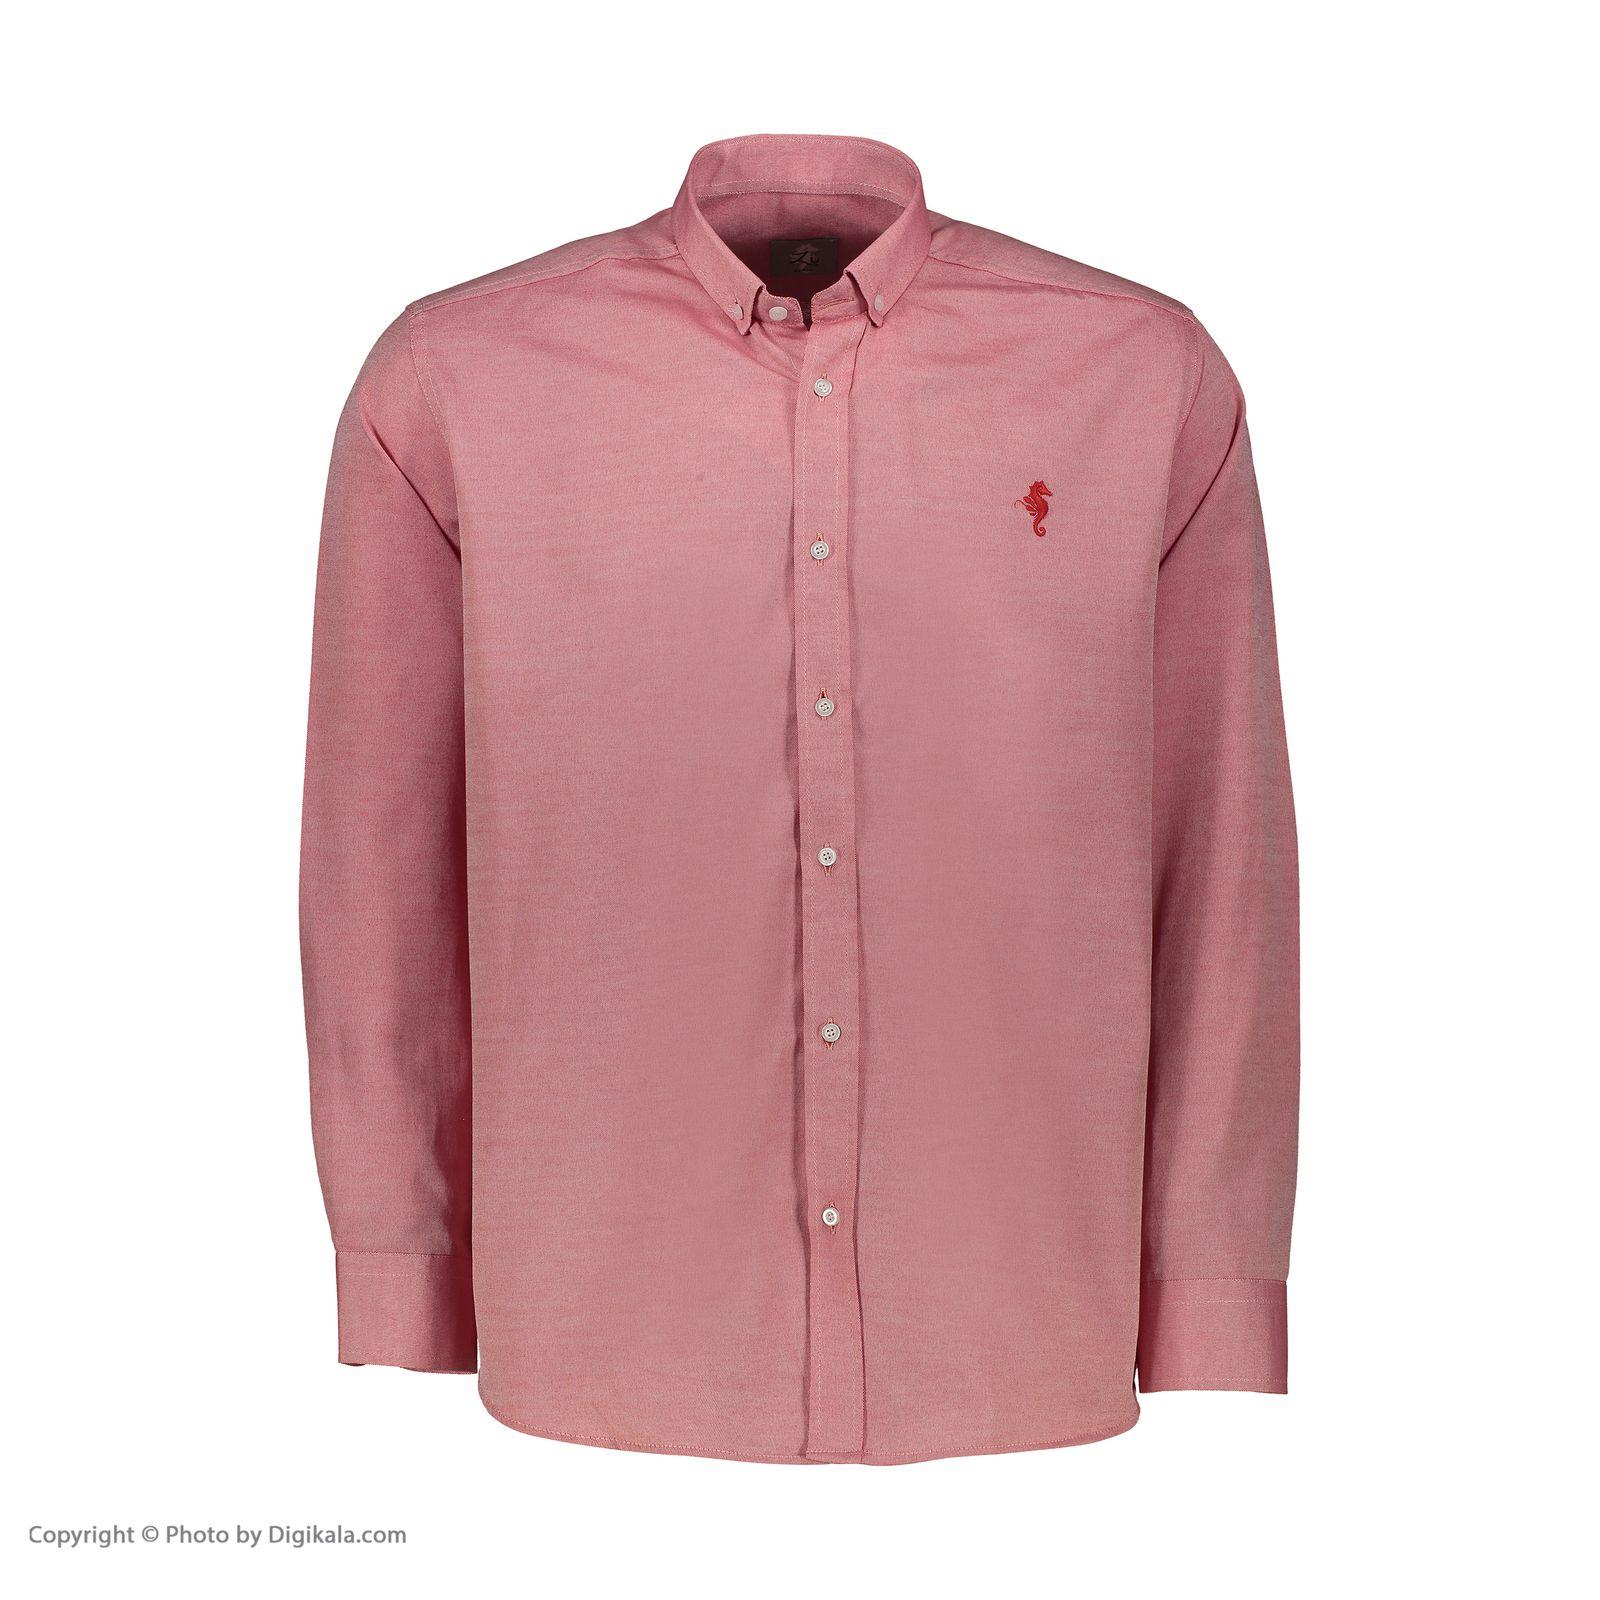 پیراهن مردانه زی مدل 153118680ML -  - 2